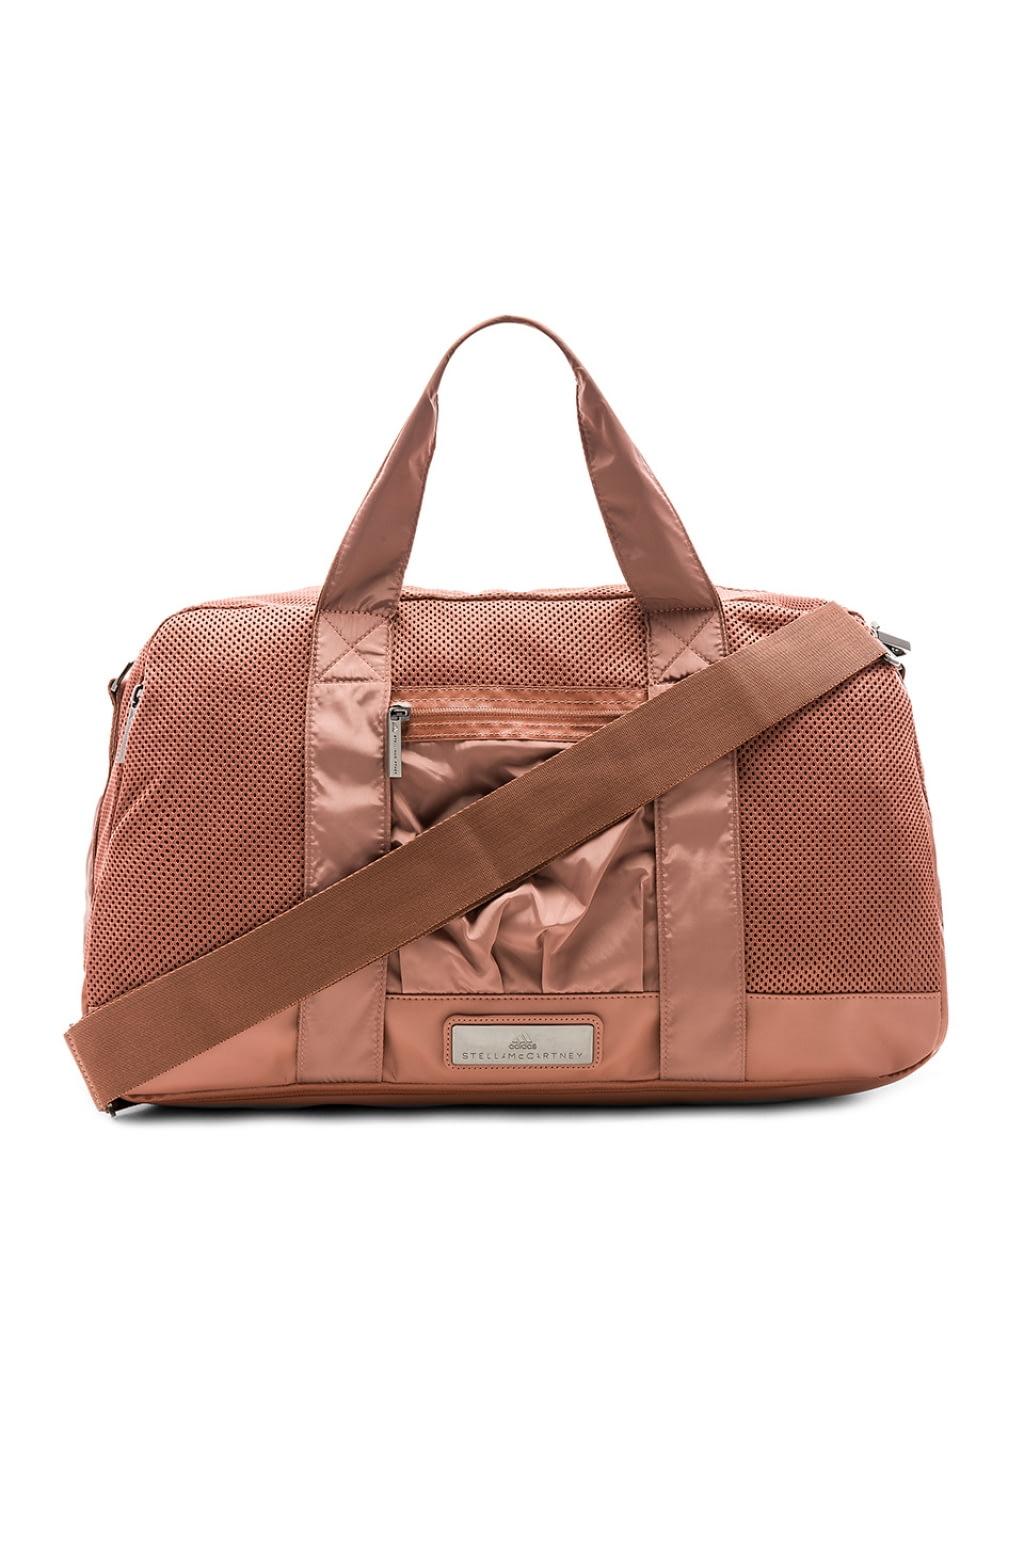 Buy Original adidas by Stella McCartney Yoga Bag at Indonesia   BOBOBOBO 1a16871016